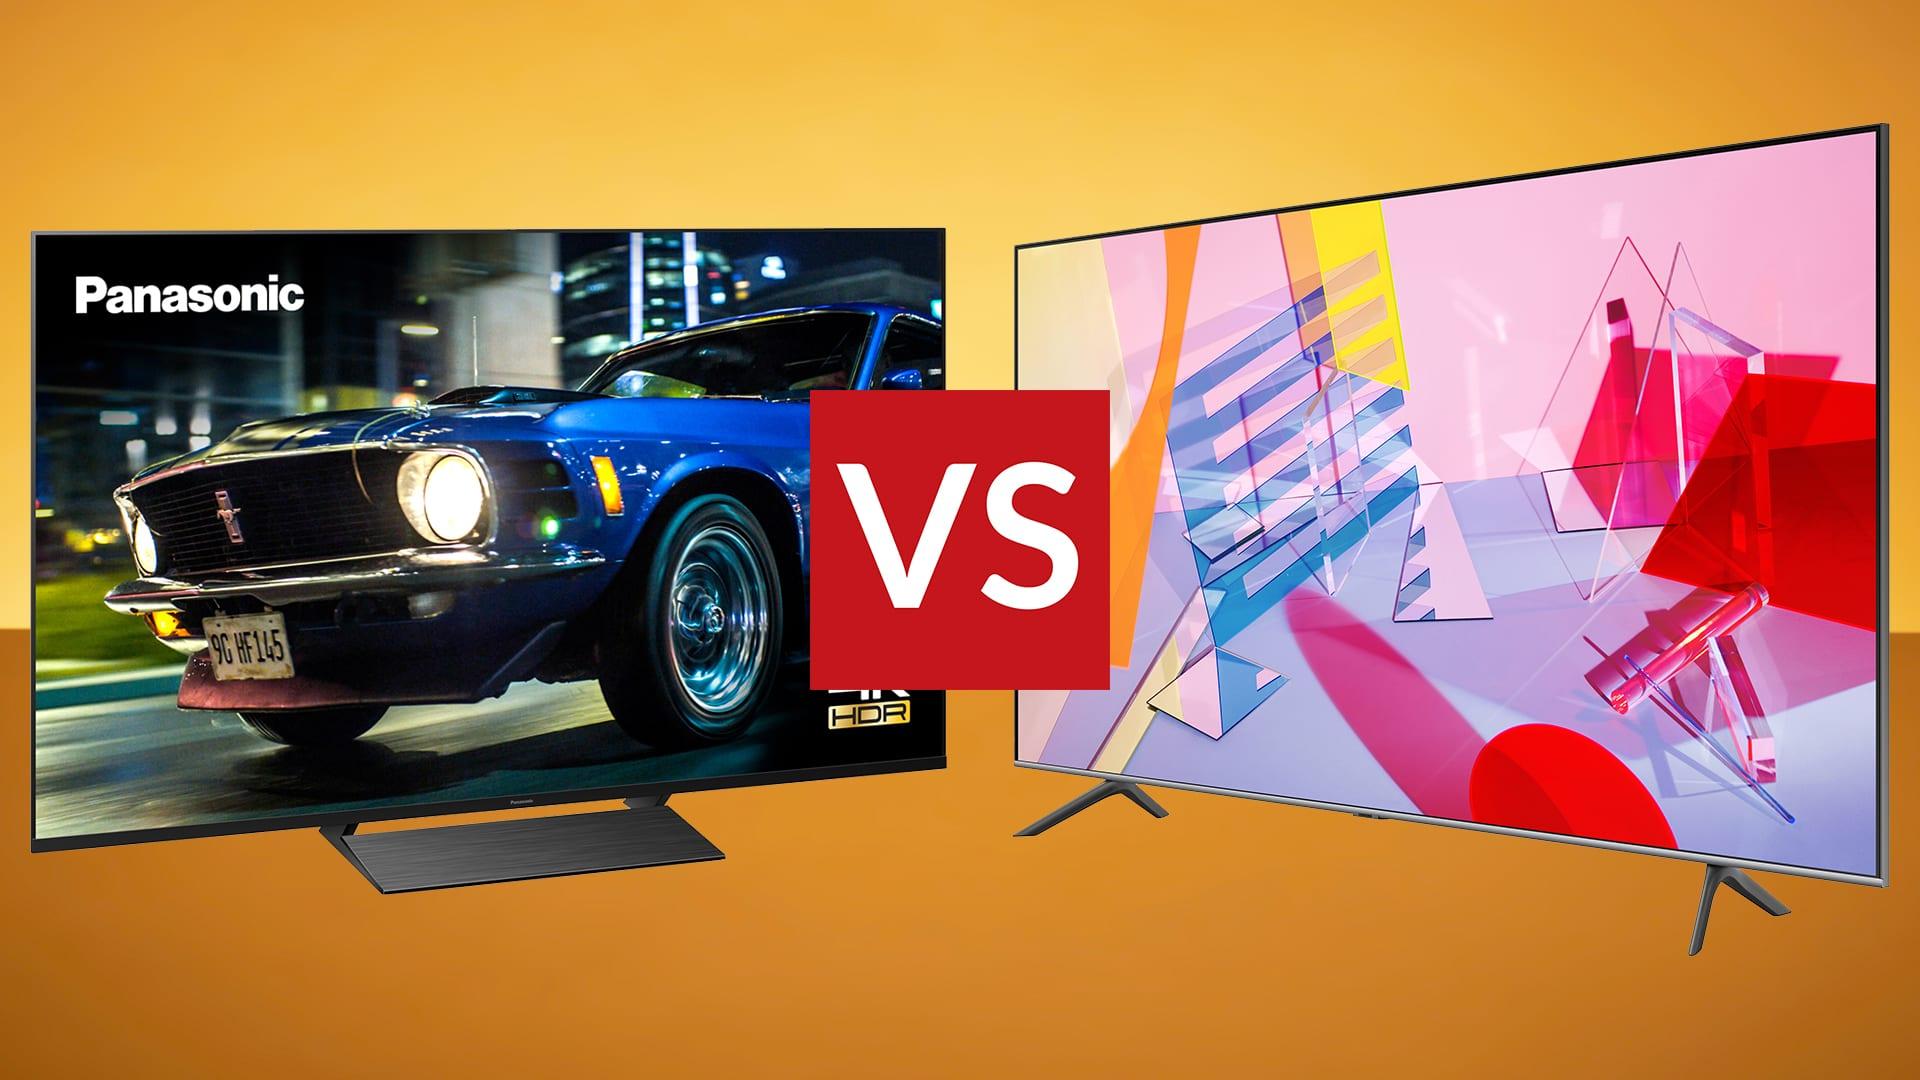 أيهما أفضل شاشات سامسونج أم باناسونيك